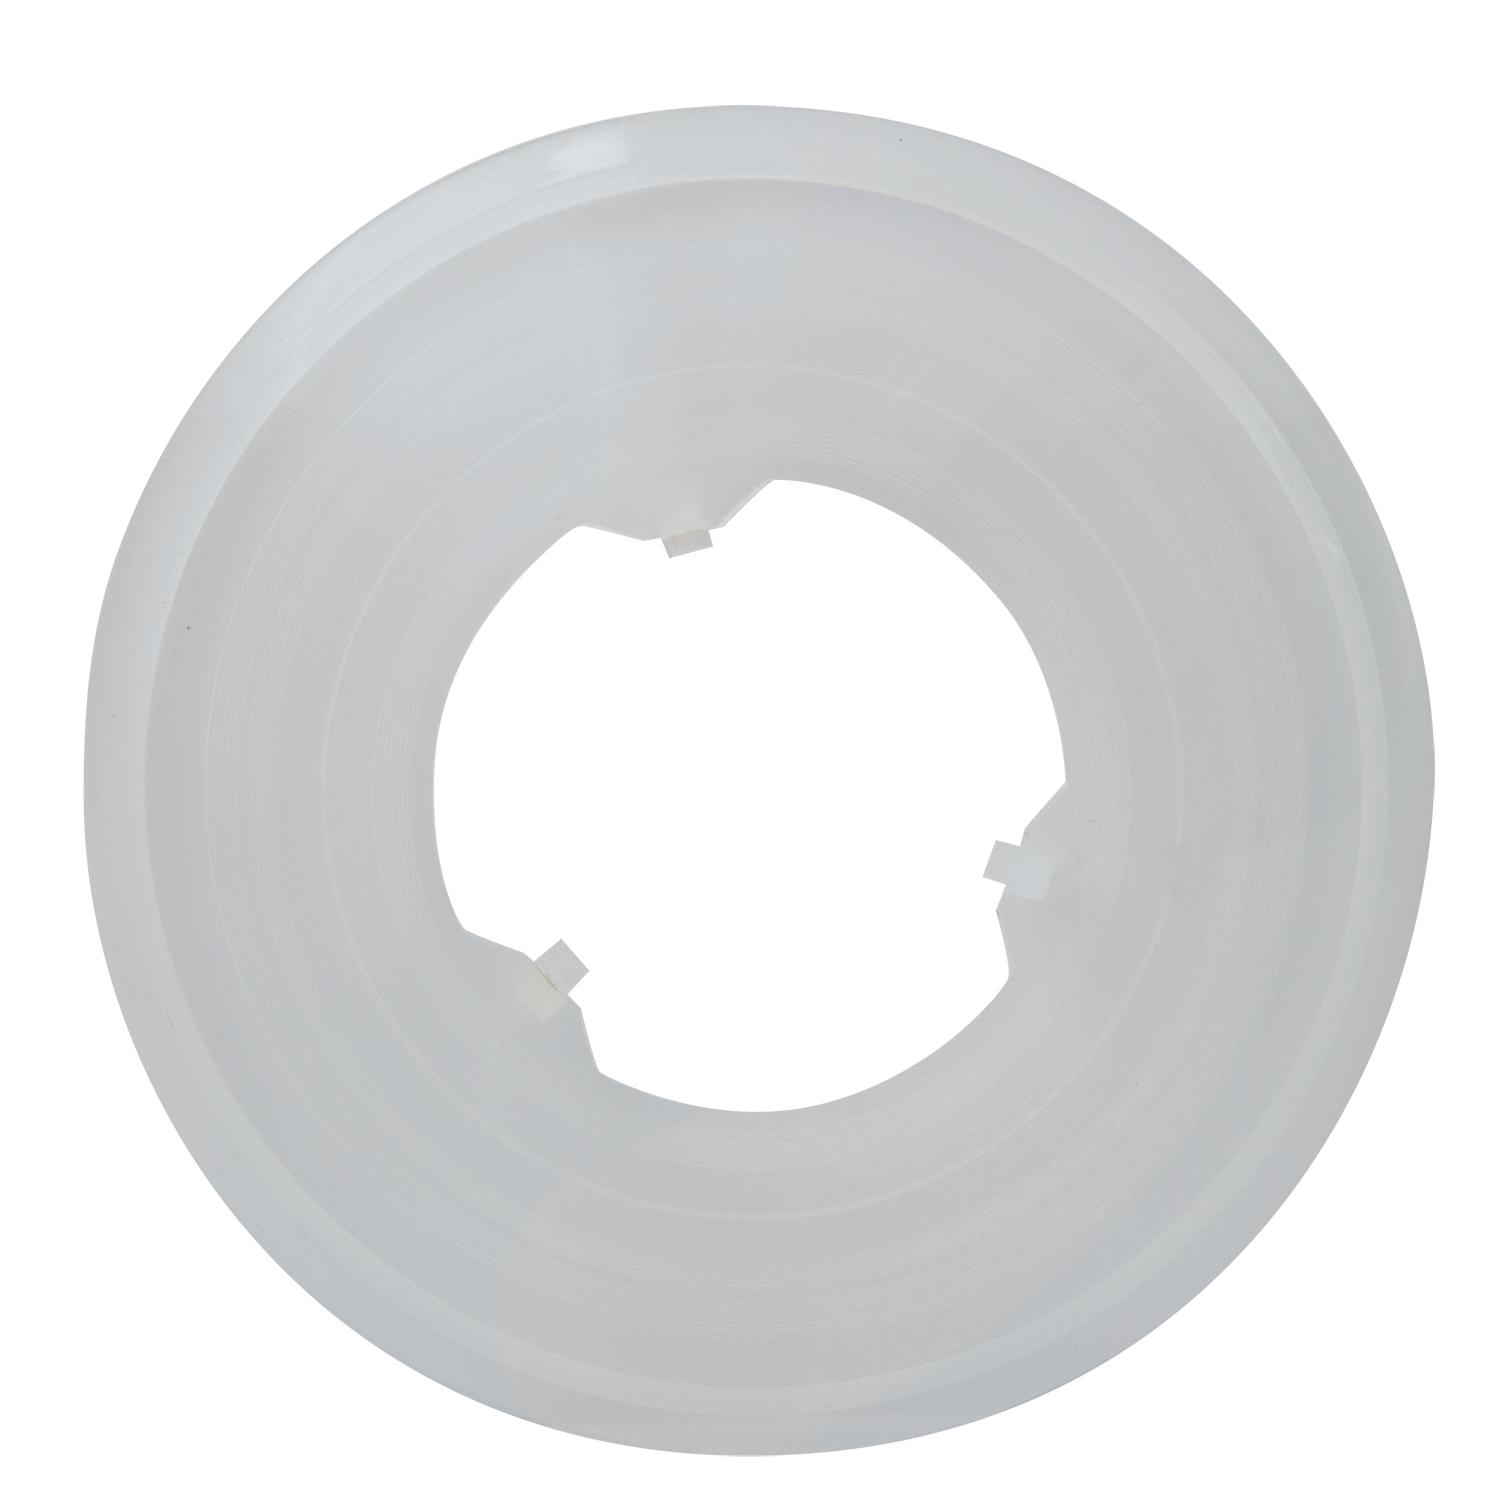 kryt PLAST za vícekolo/ kazetu 138 mm, čirý